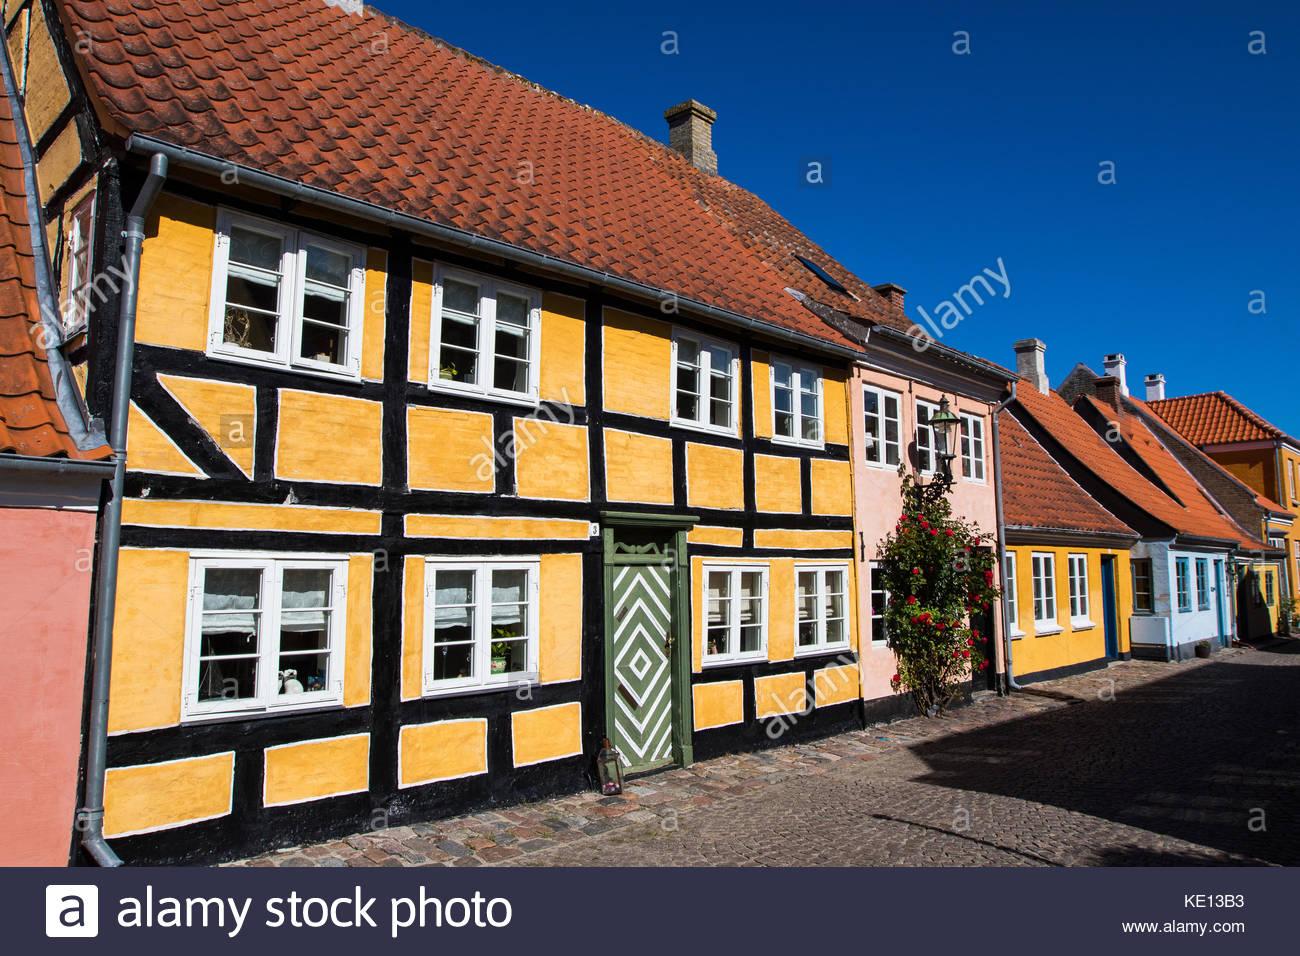 ærøskøbing, ærø, baltic sea, denmark / ærøskøbing, ærø, ostsee, - Stock Image